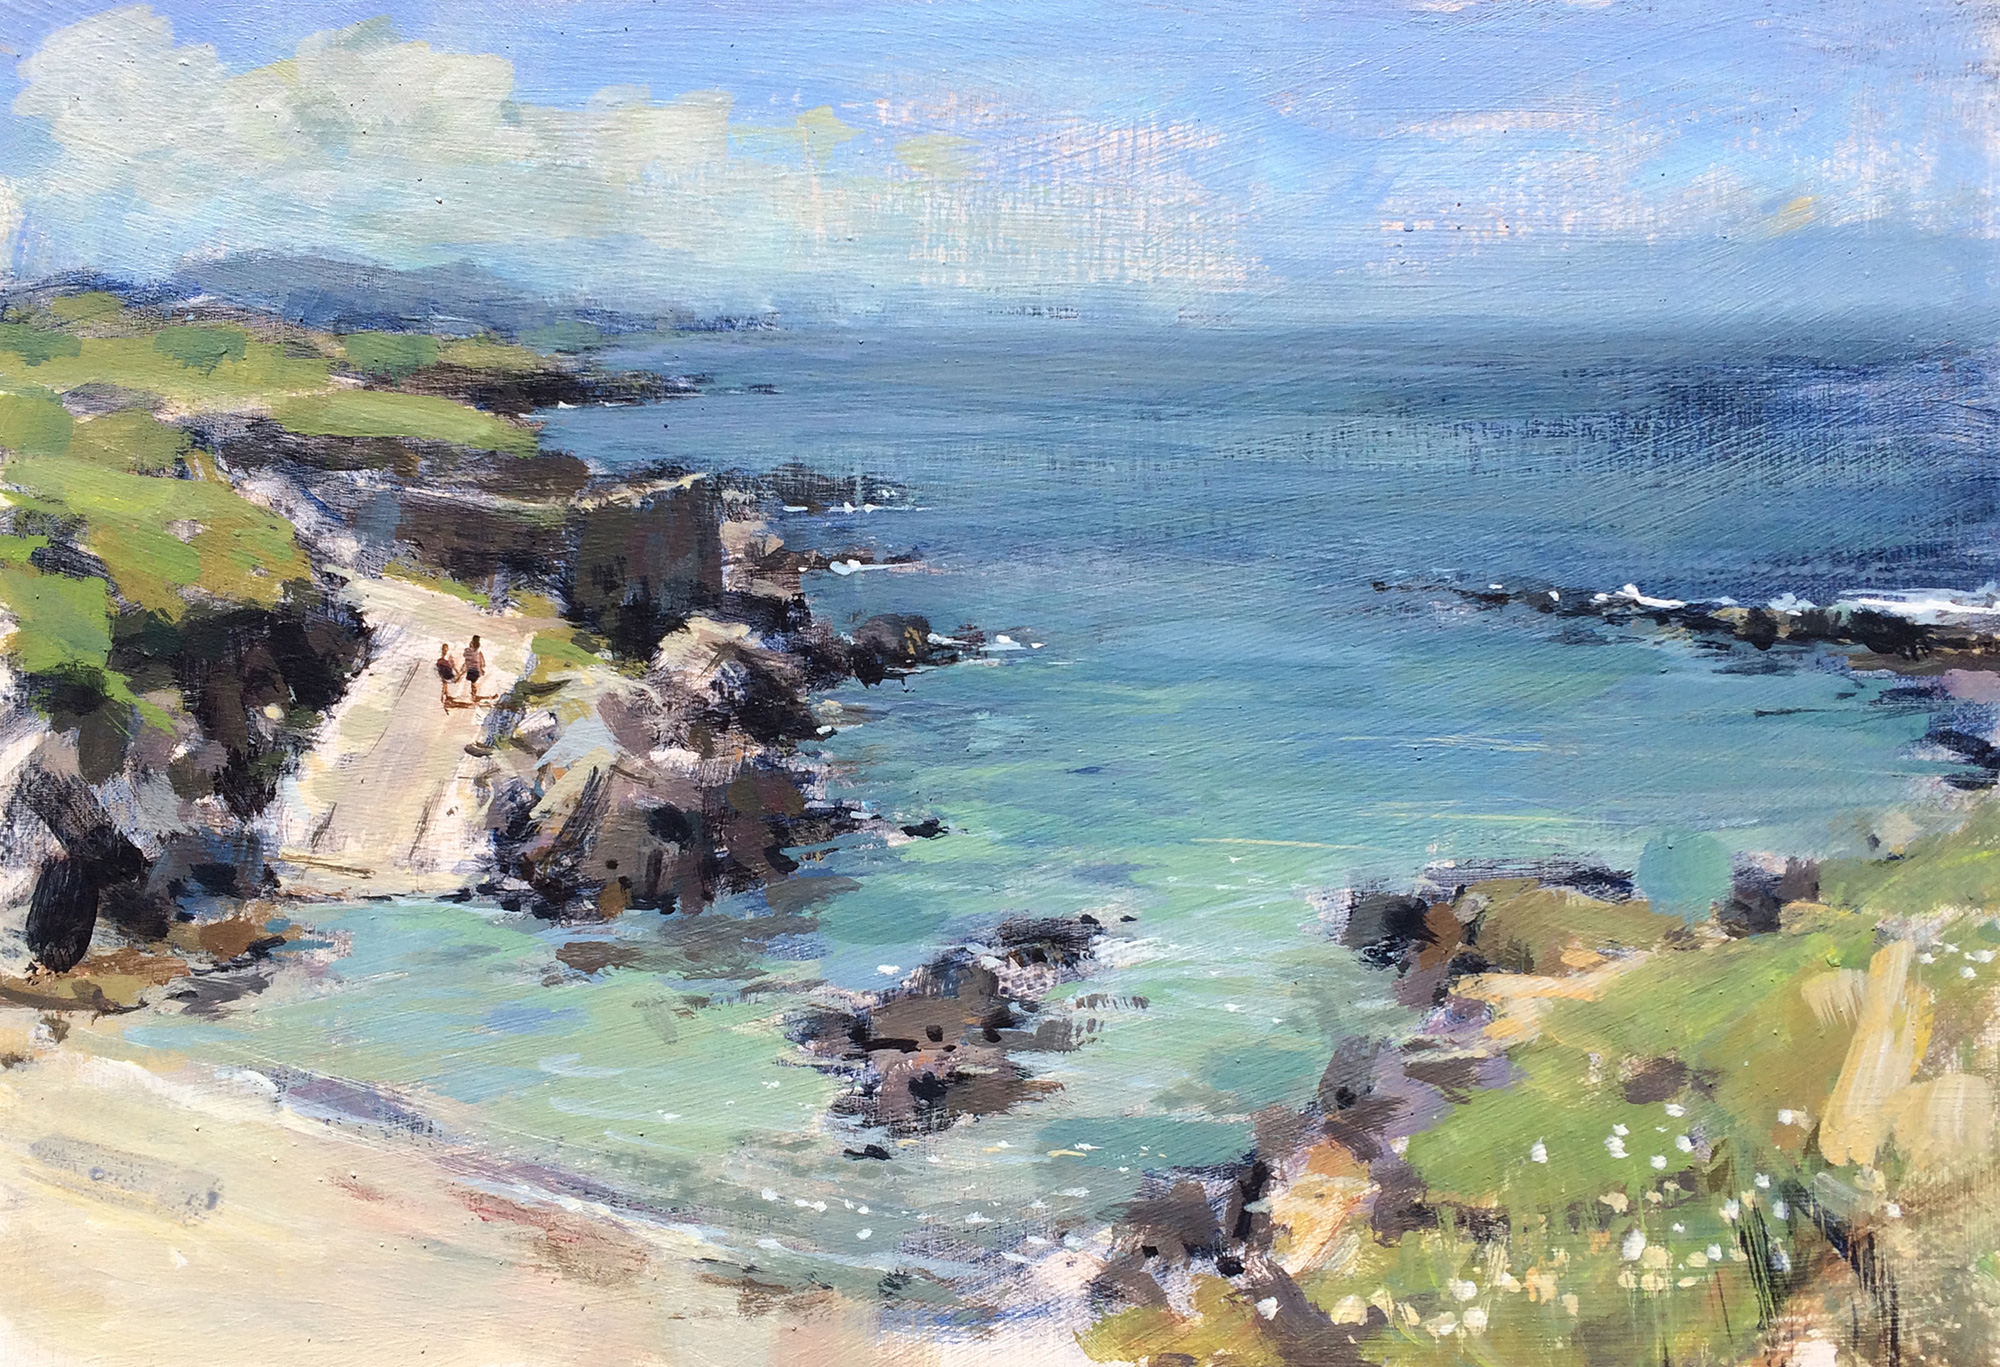 Tony Hinchliffe,  Secluded Bay